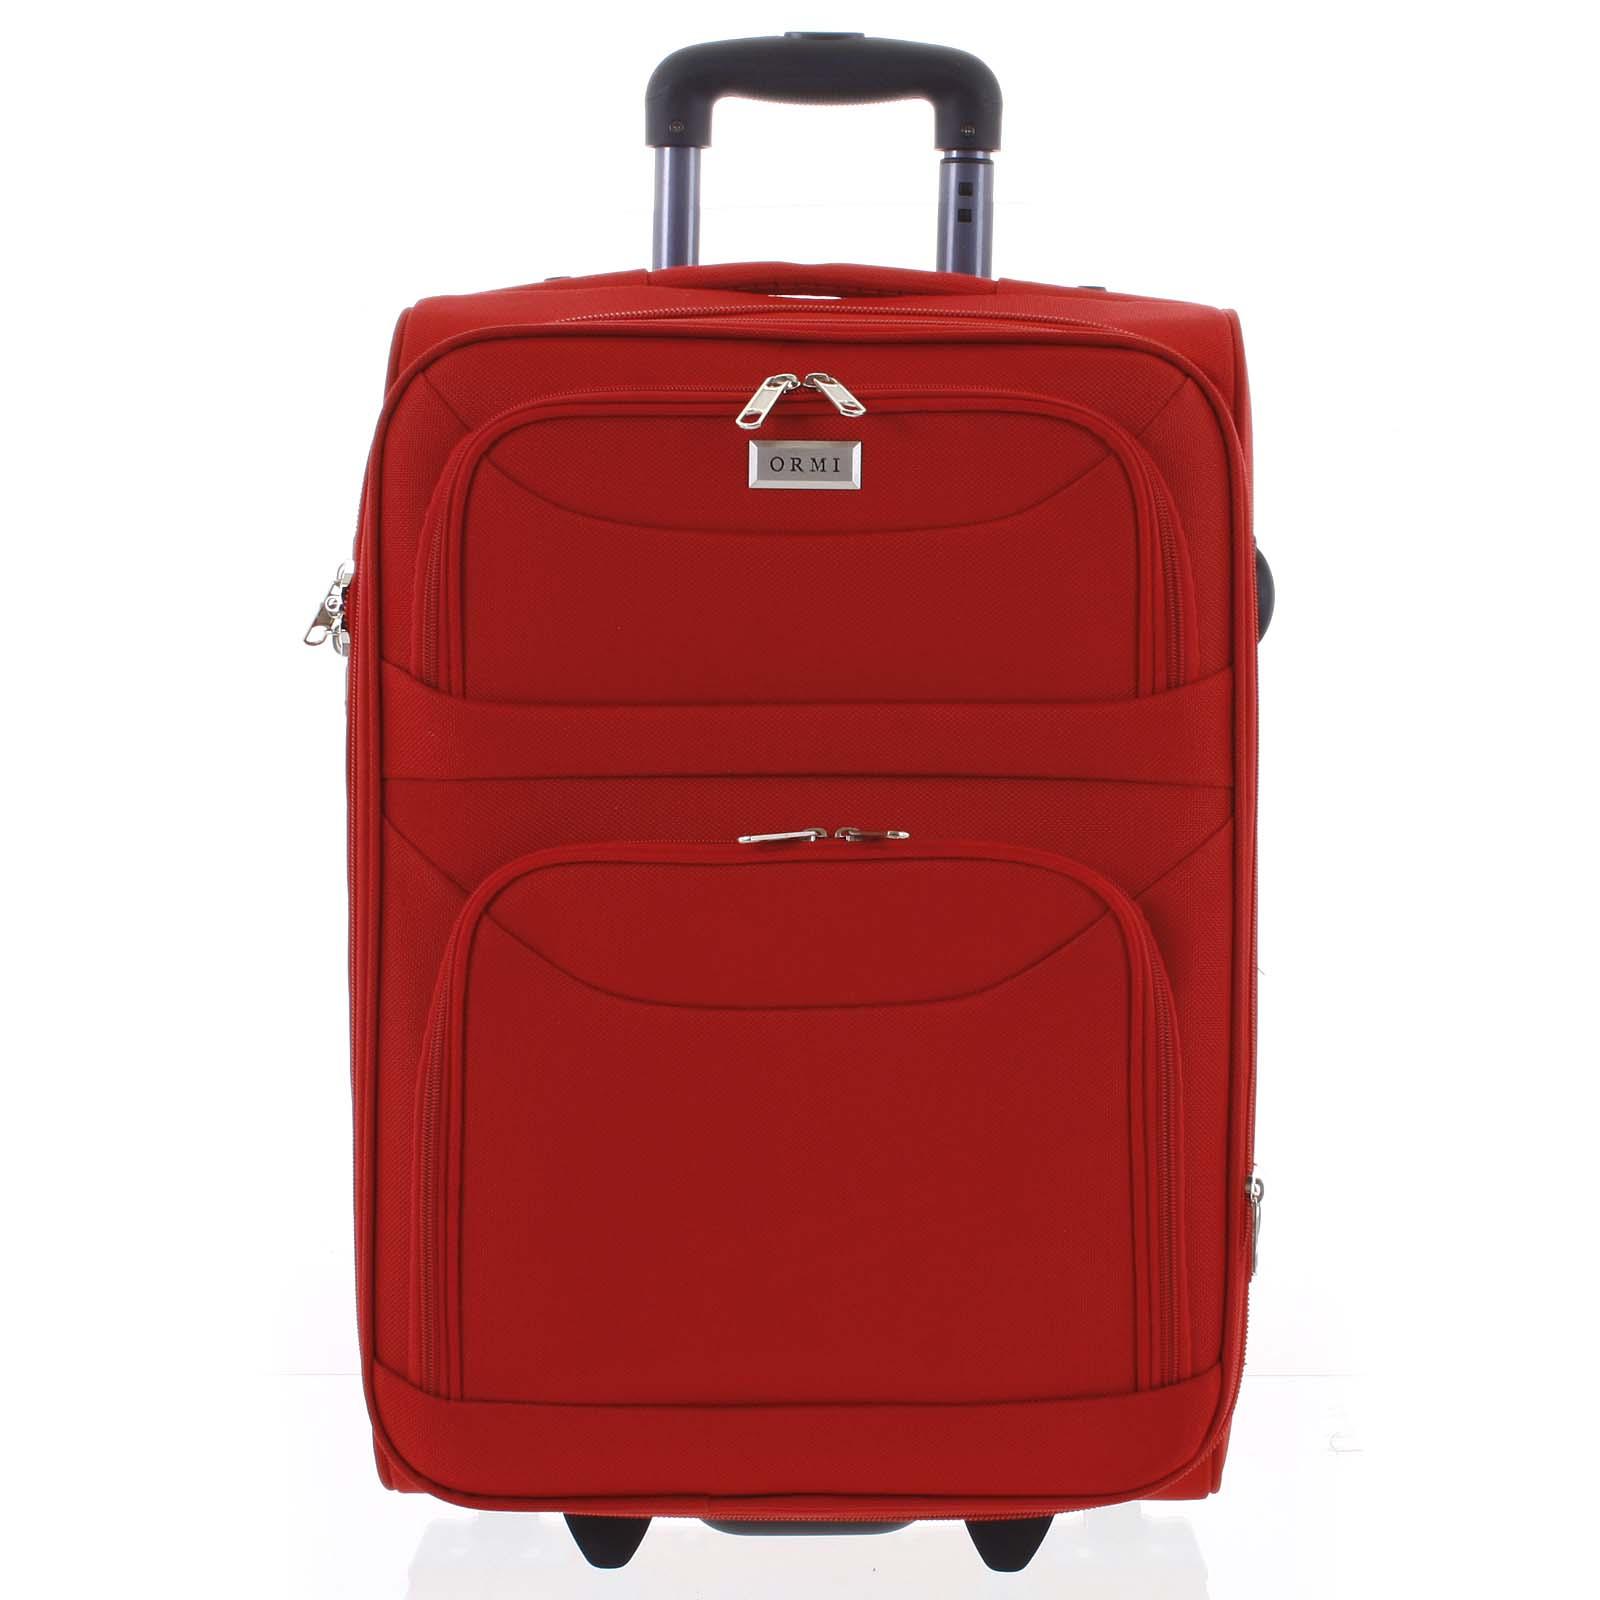 Klasický látkový červený cestovní kufr - Ormi Stof L